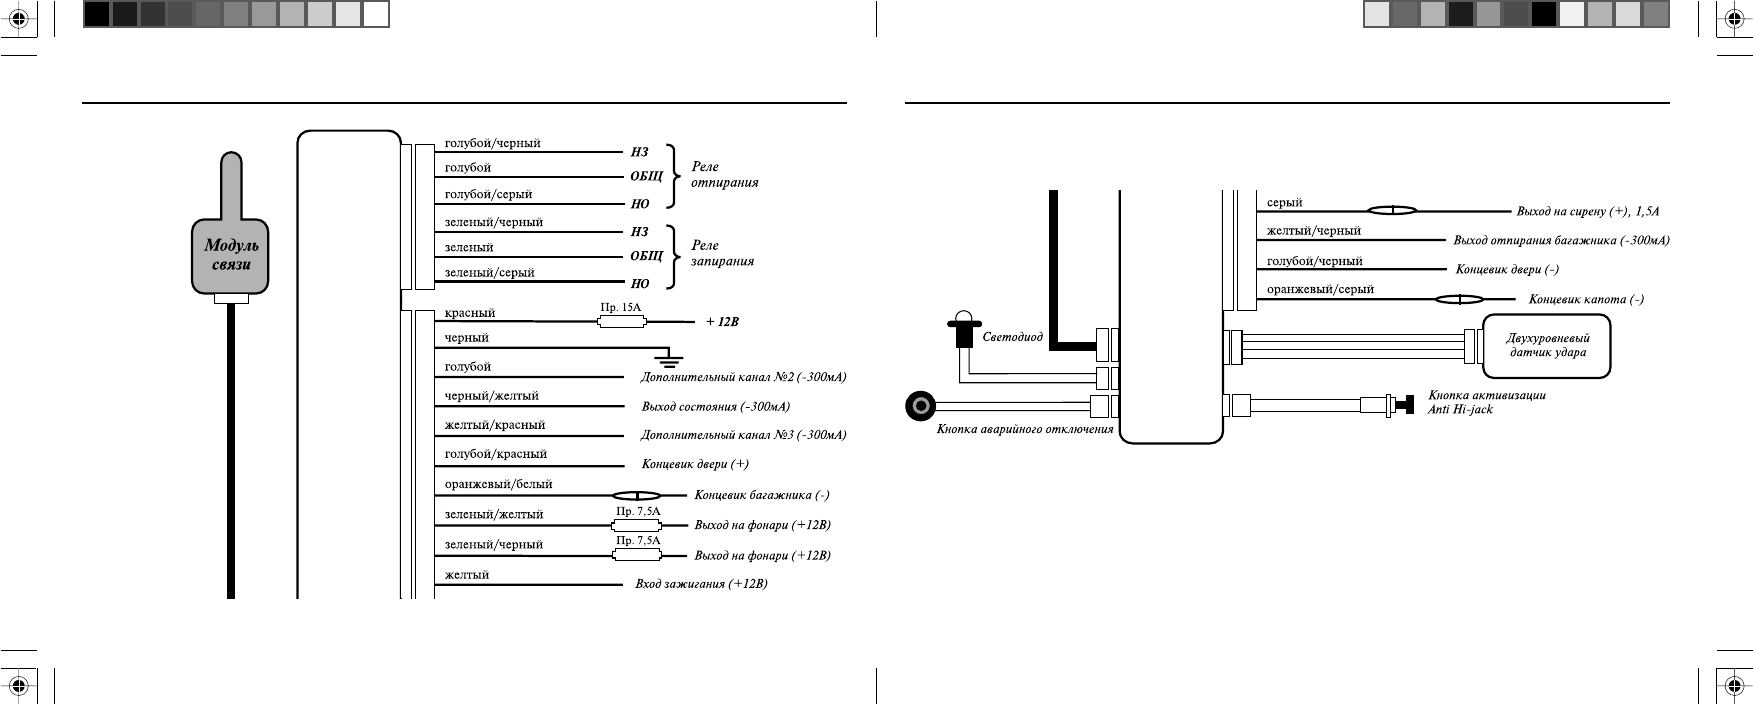 модель сигнализация синемакс инструкция в картинках простое, что